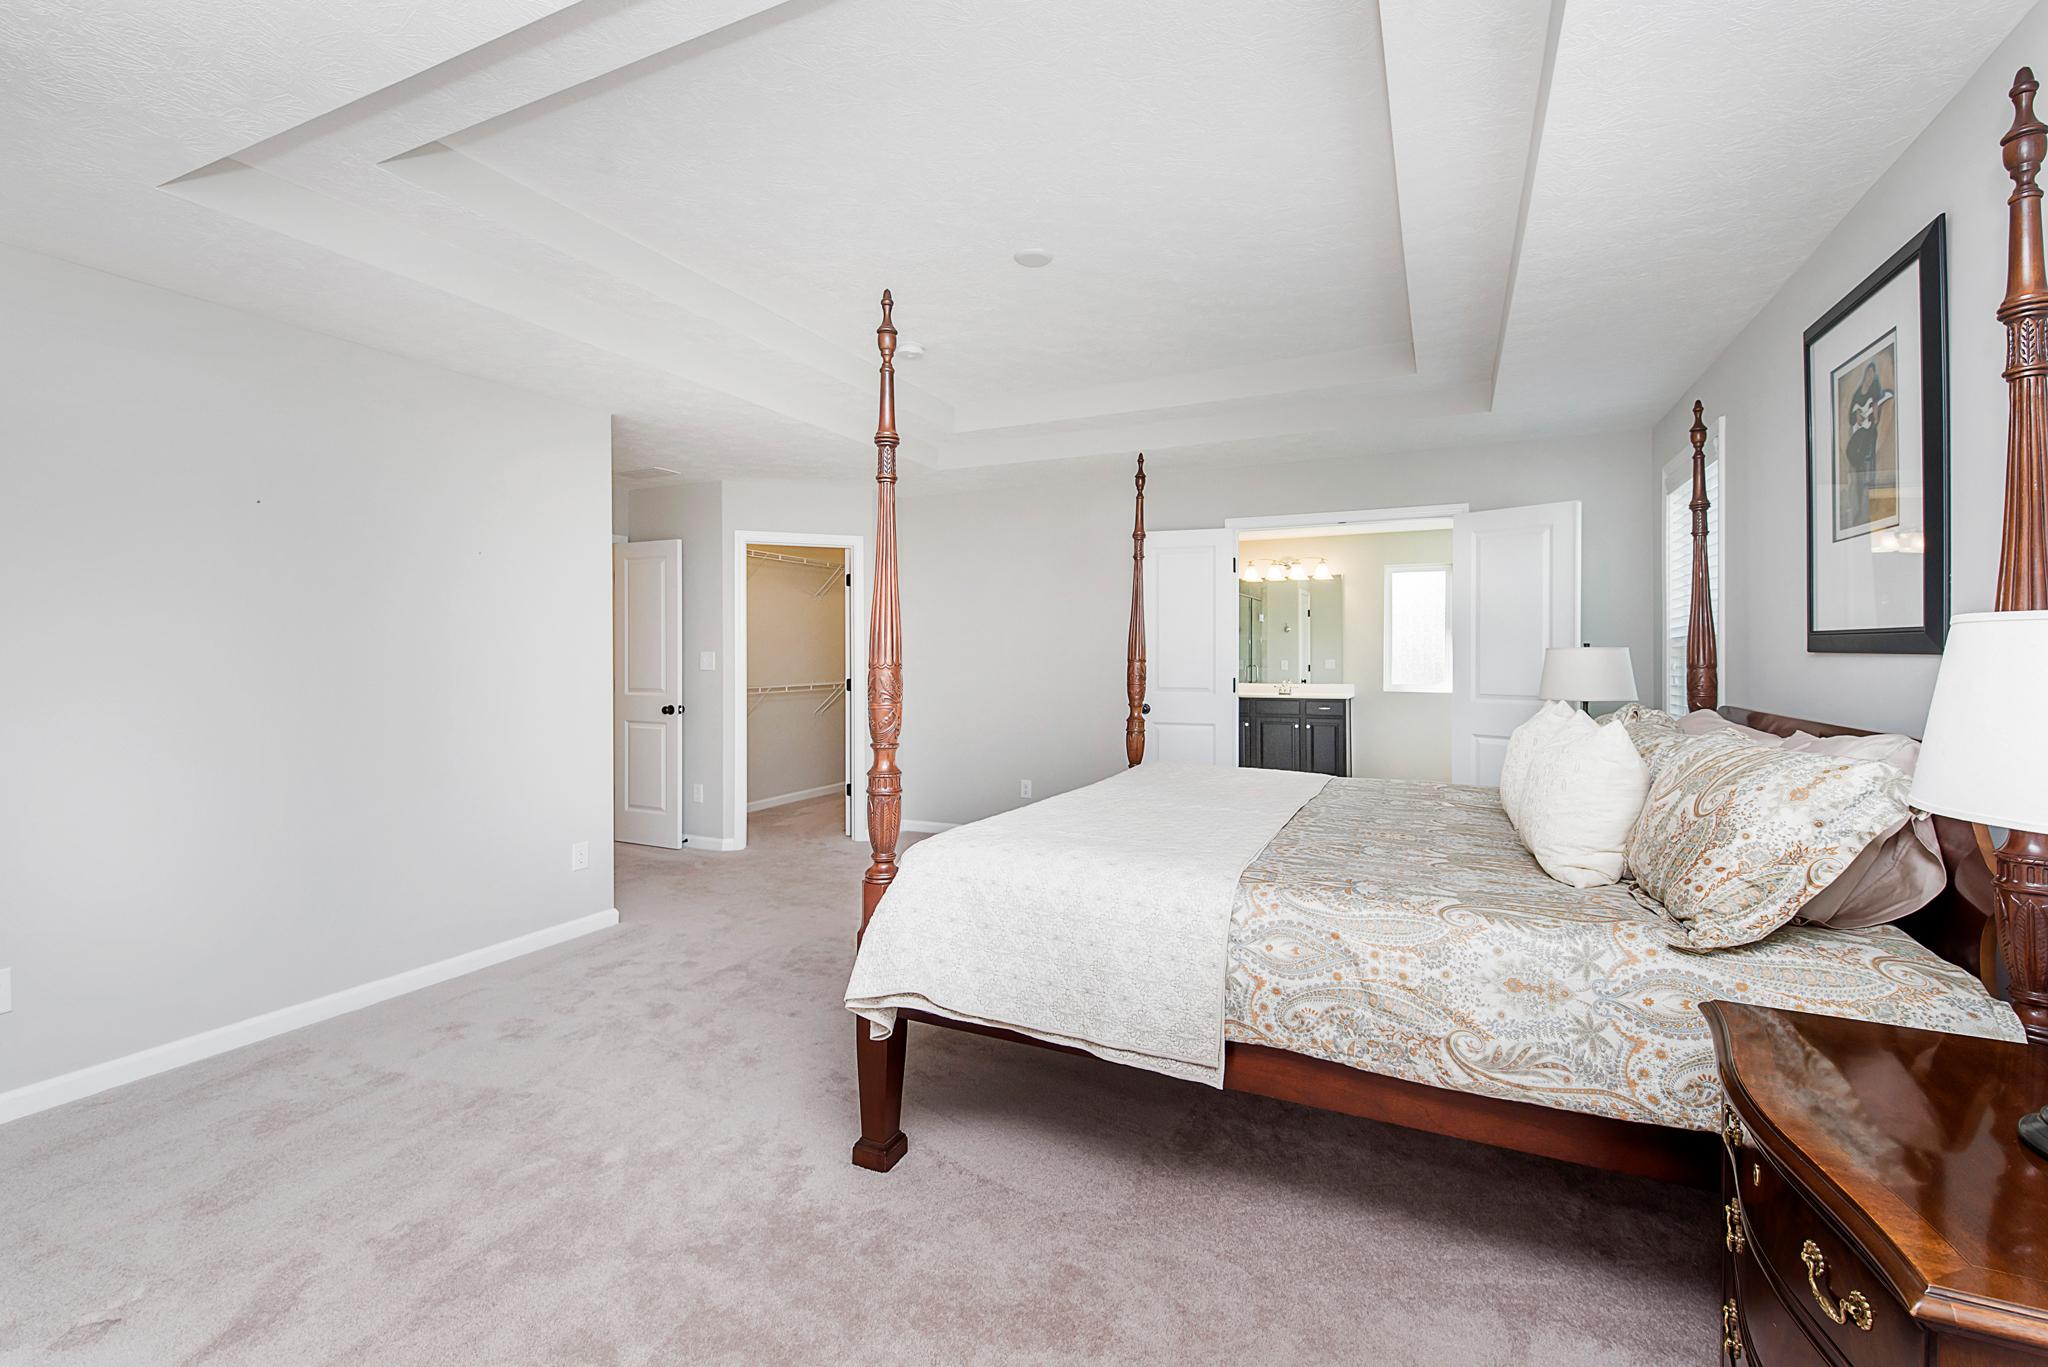 17_Master Bedroom.jpg